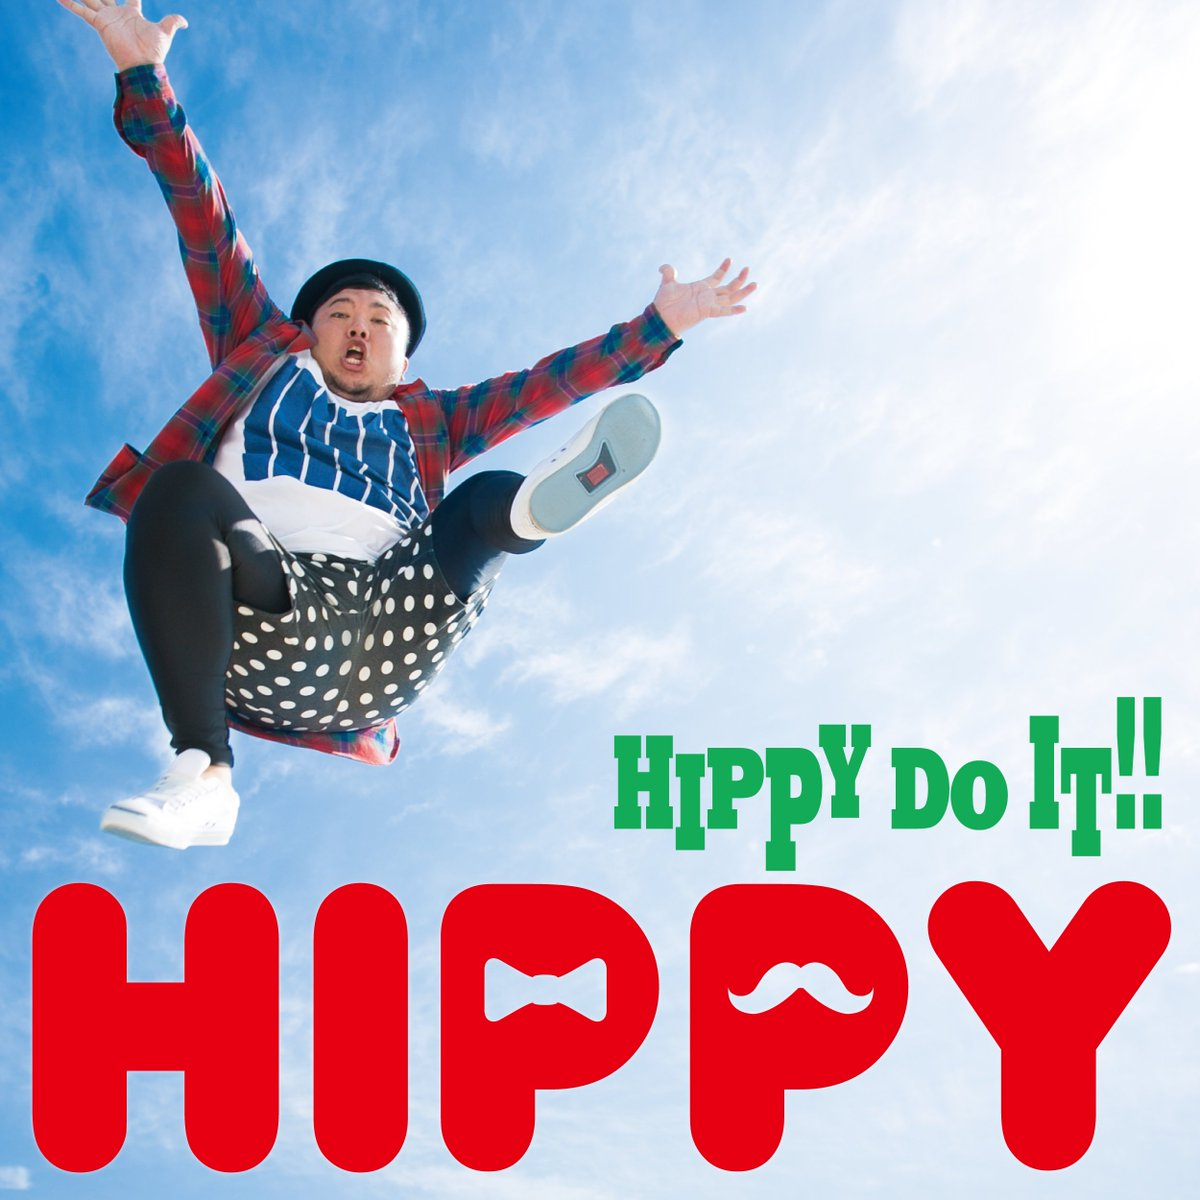 12月9日1st Album「HIPPY DO IT!!」発売決定! そして新曲「Last Love」の試聴動画配信 (https://t.co/plgUowQPBK) こうやってみんなにお知らせできて本当に嬉しいし感謝しかないす♡ https://t.co/pLJO9AkYwB